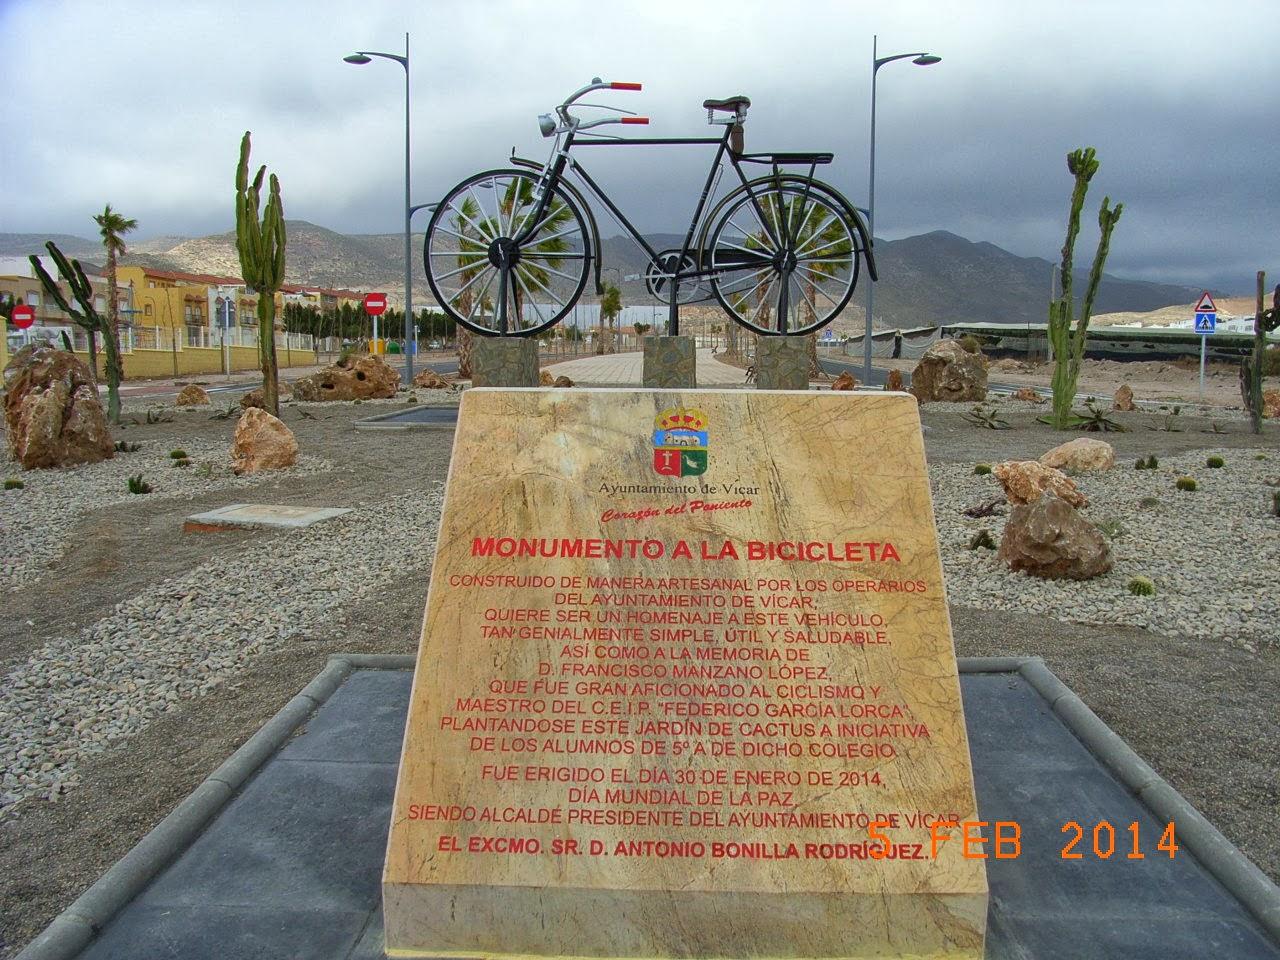 Monumento a la Bicicleta, cercano al centro con especial recordatorio a nuestro compañero Francisco Manzano.